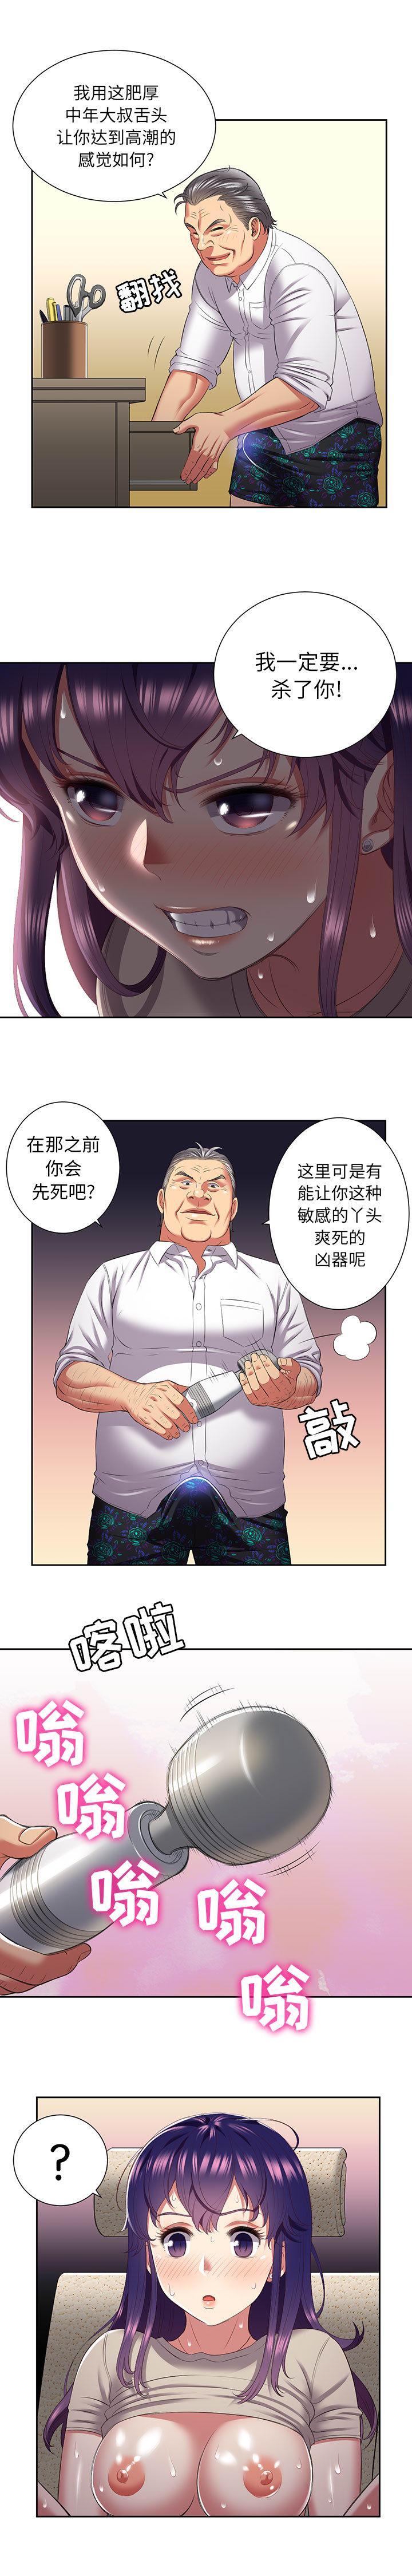 由莉的秘密1-60 中文翻译 (更新中) 172